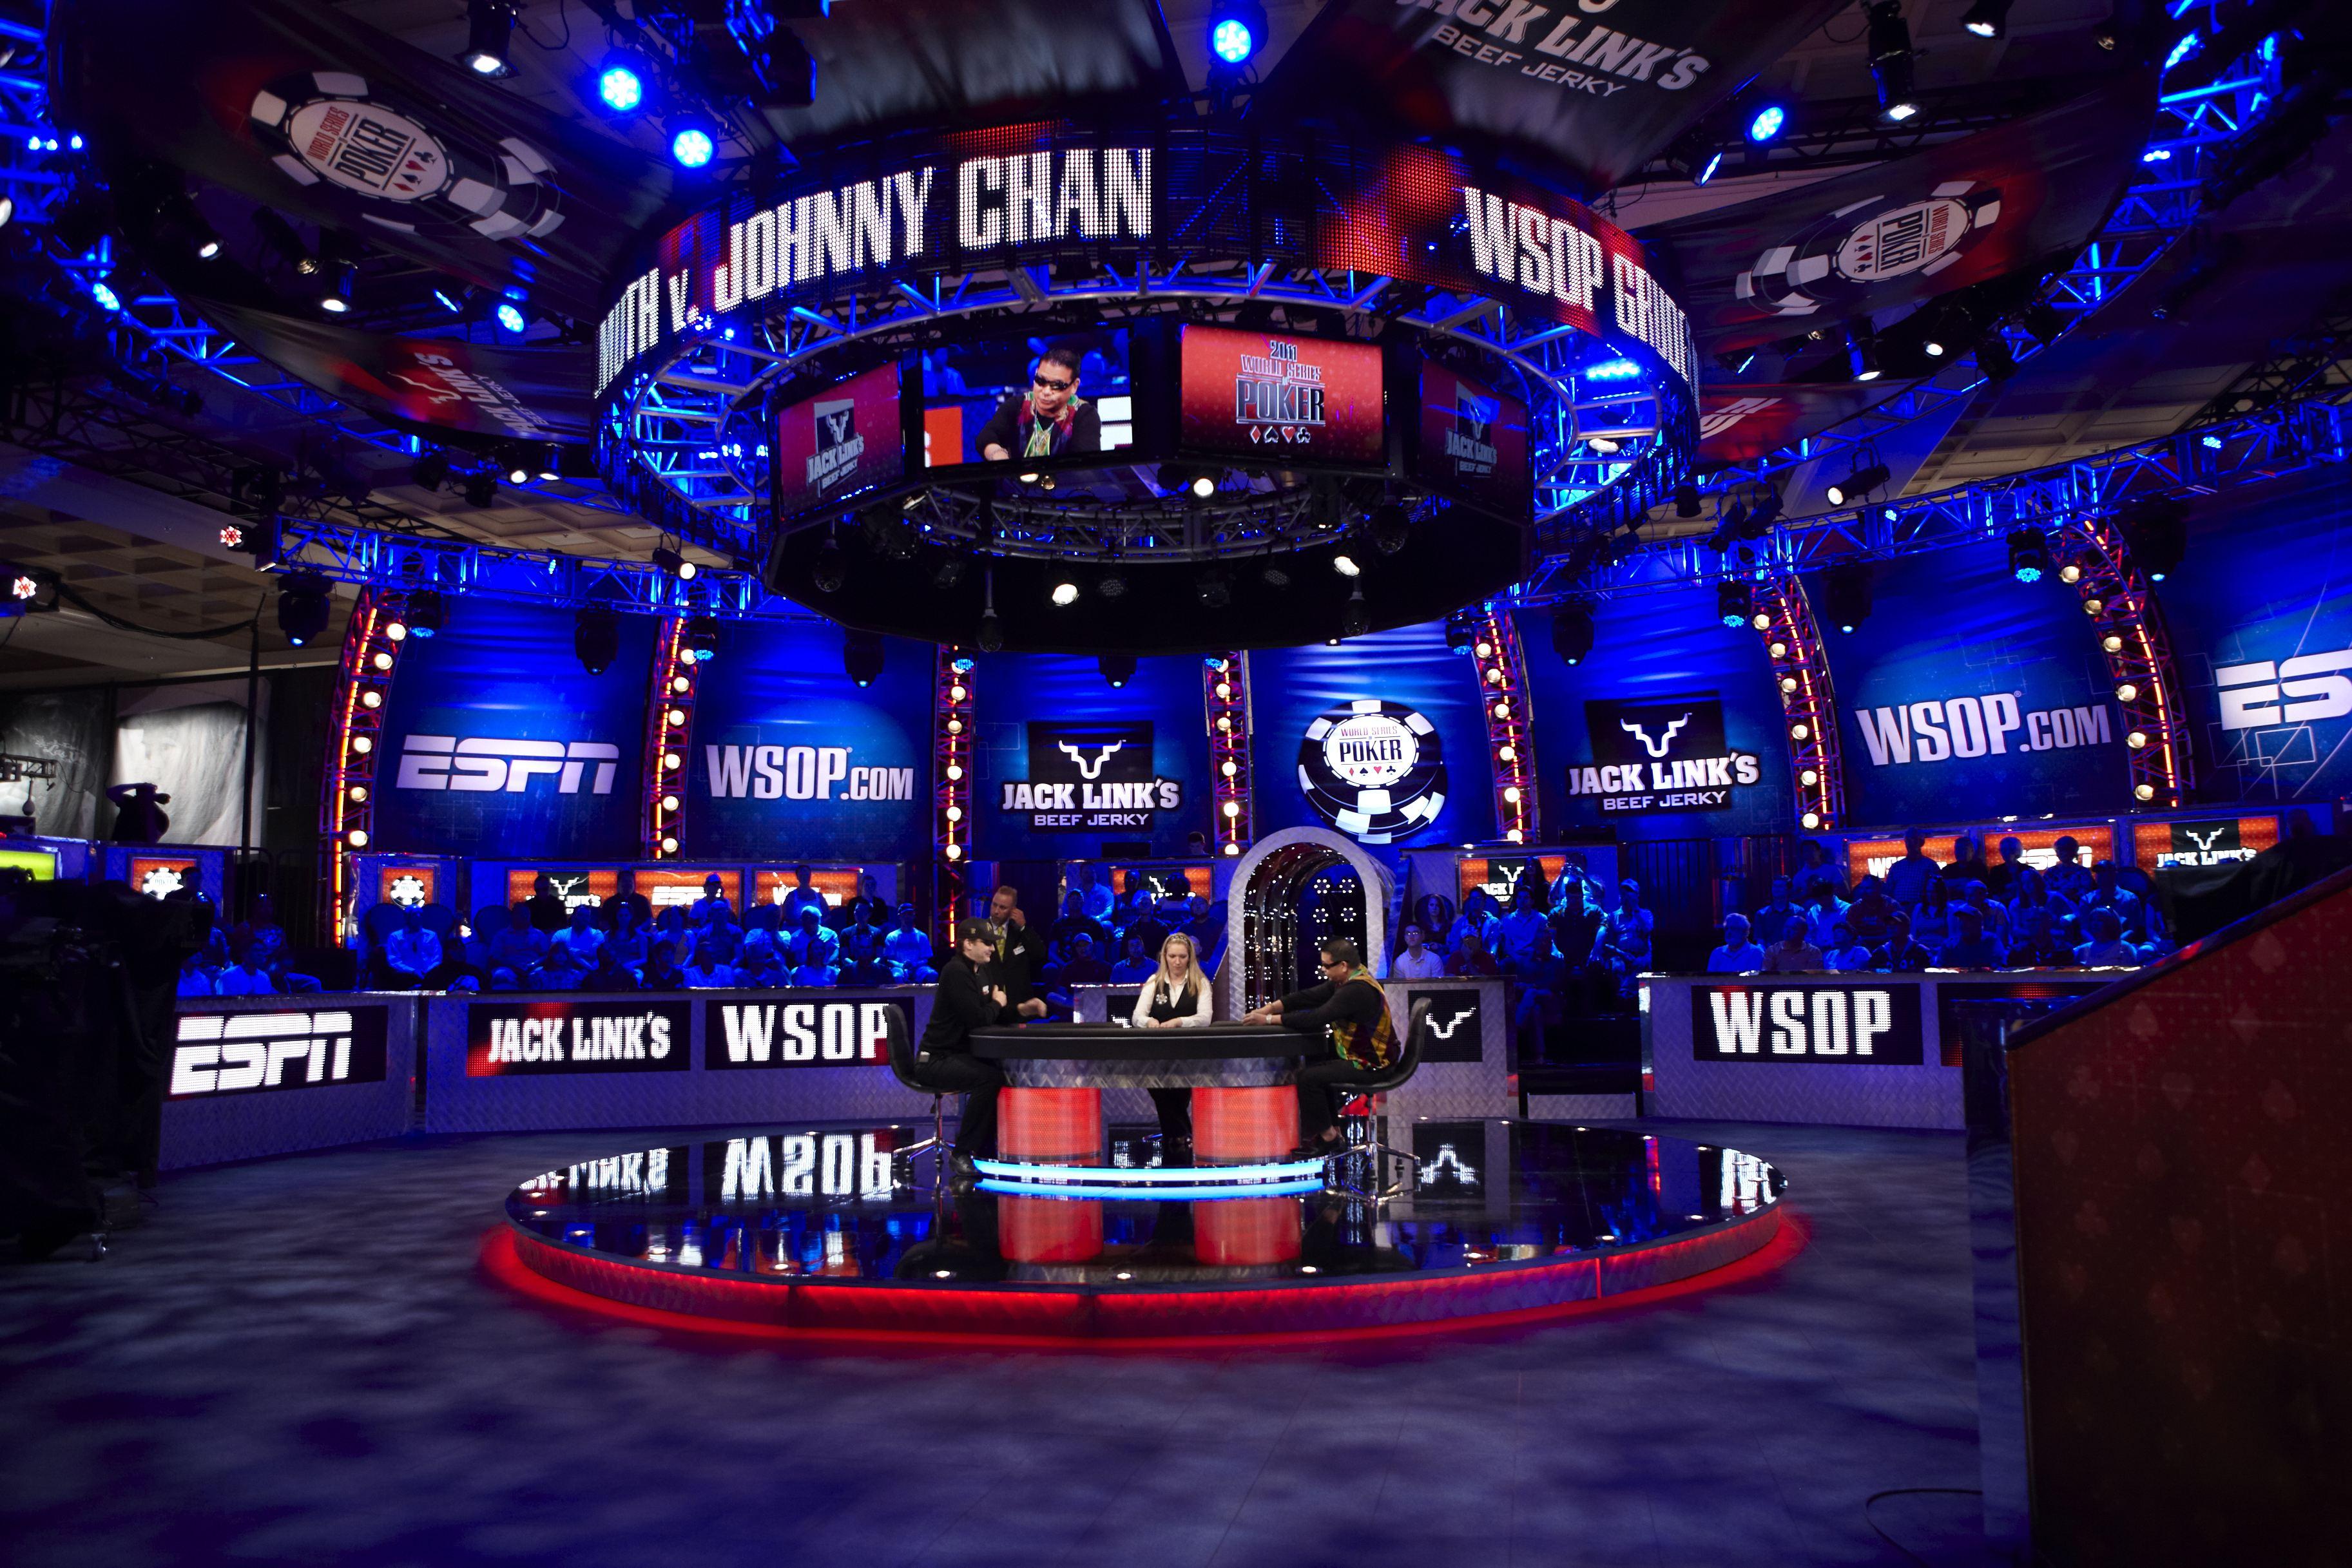 WSOP ESPN